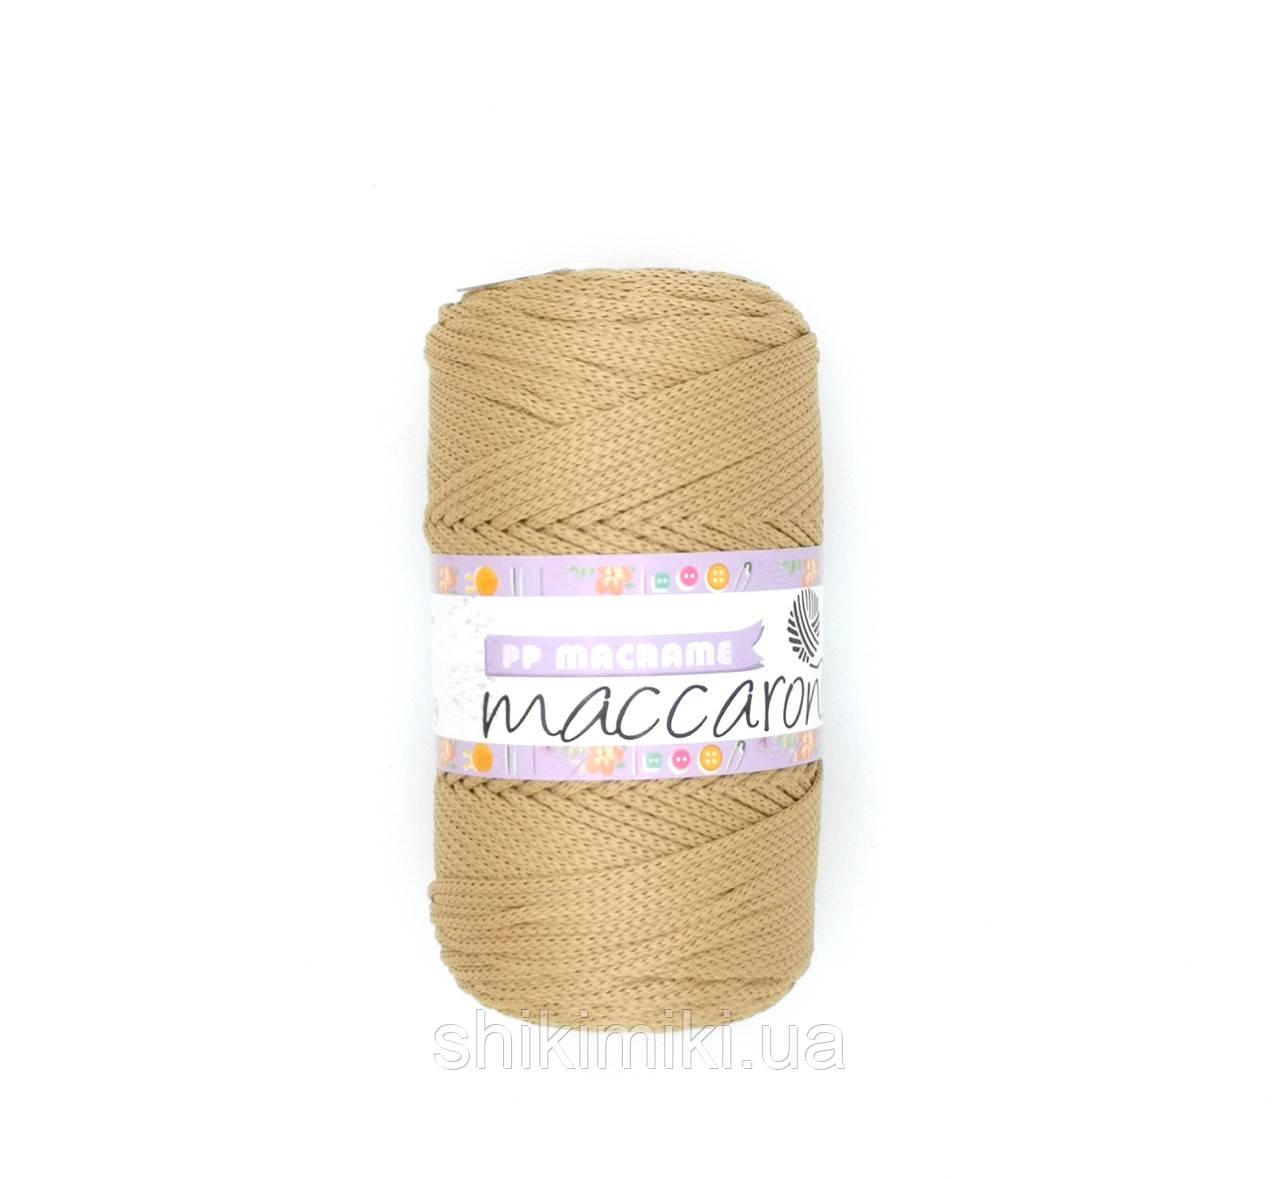 Трикотажный полипропиленовый шнур PP Macrame, цвет Песочный